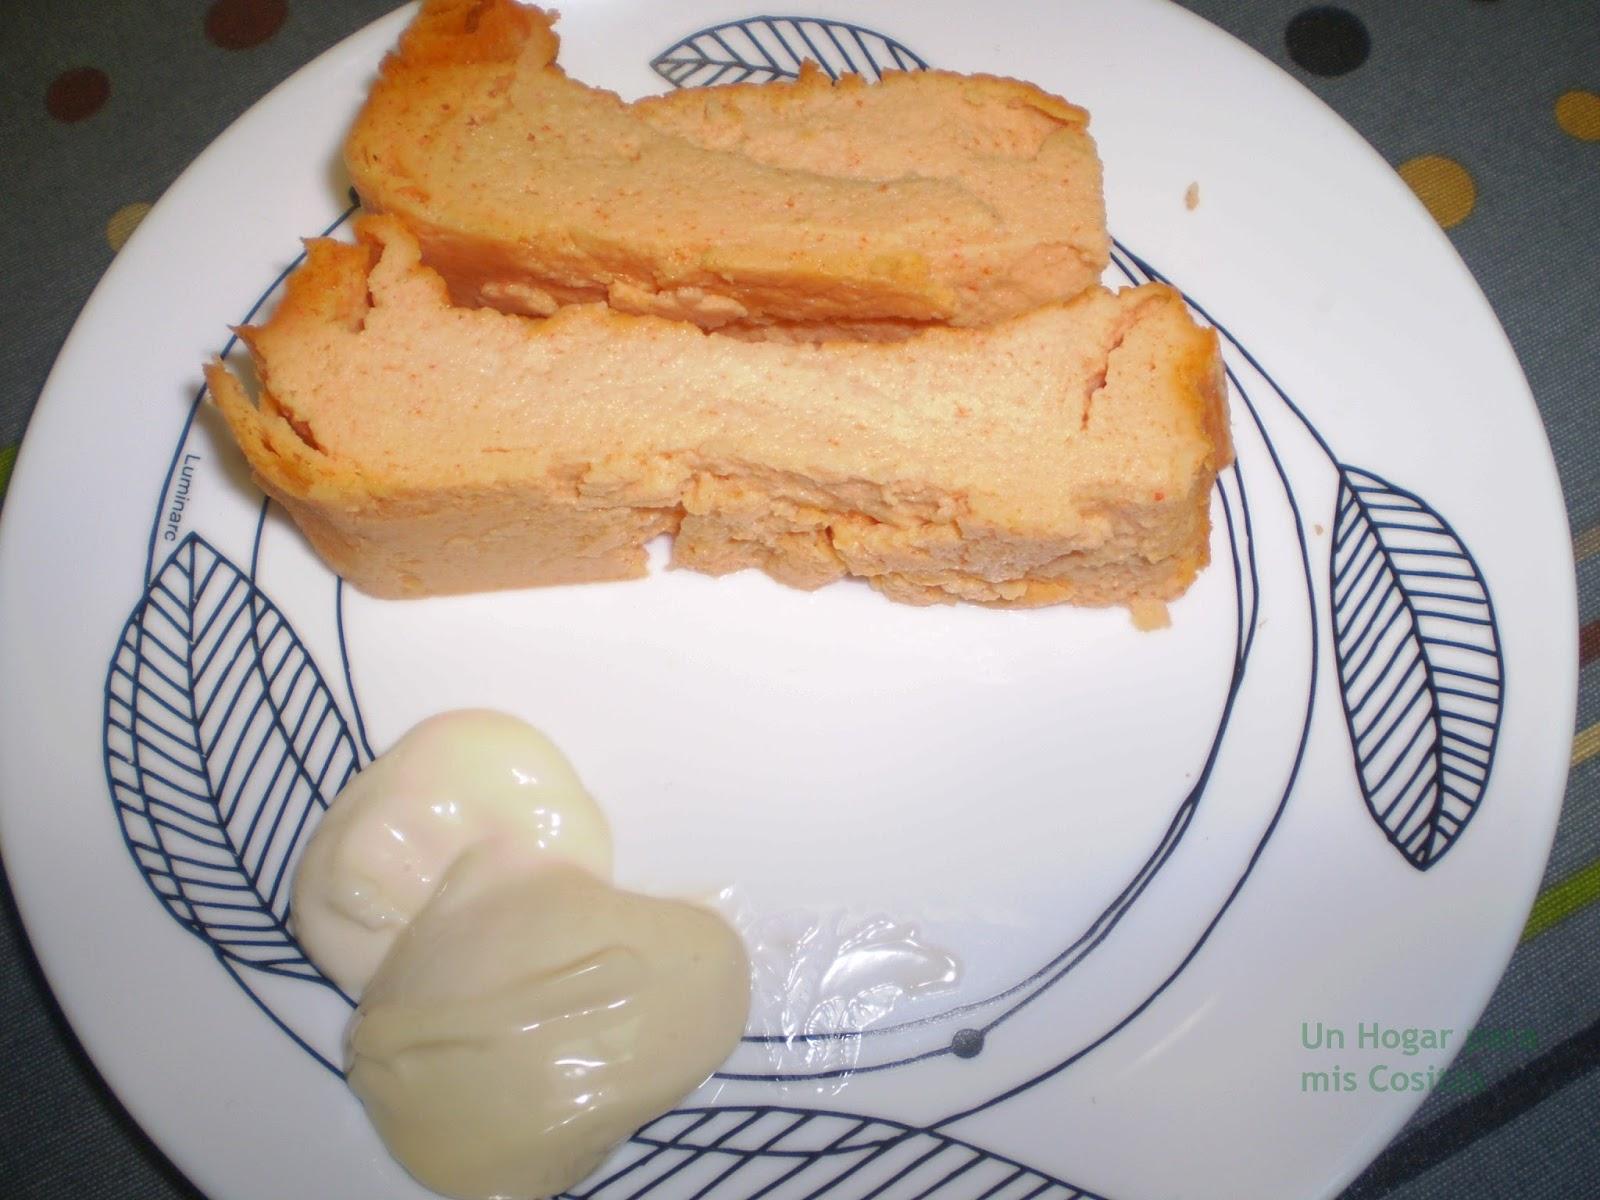 Un hogar para mis cositas pastel de palitos de cangrejo - Bizcocho microondas isasaweis ...